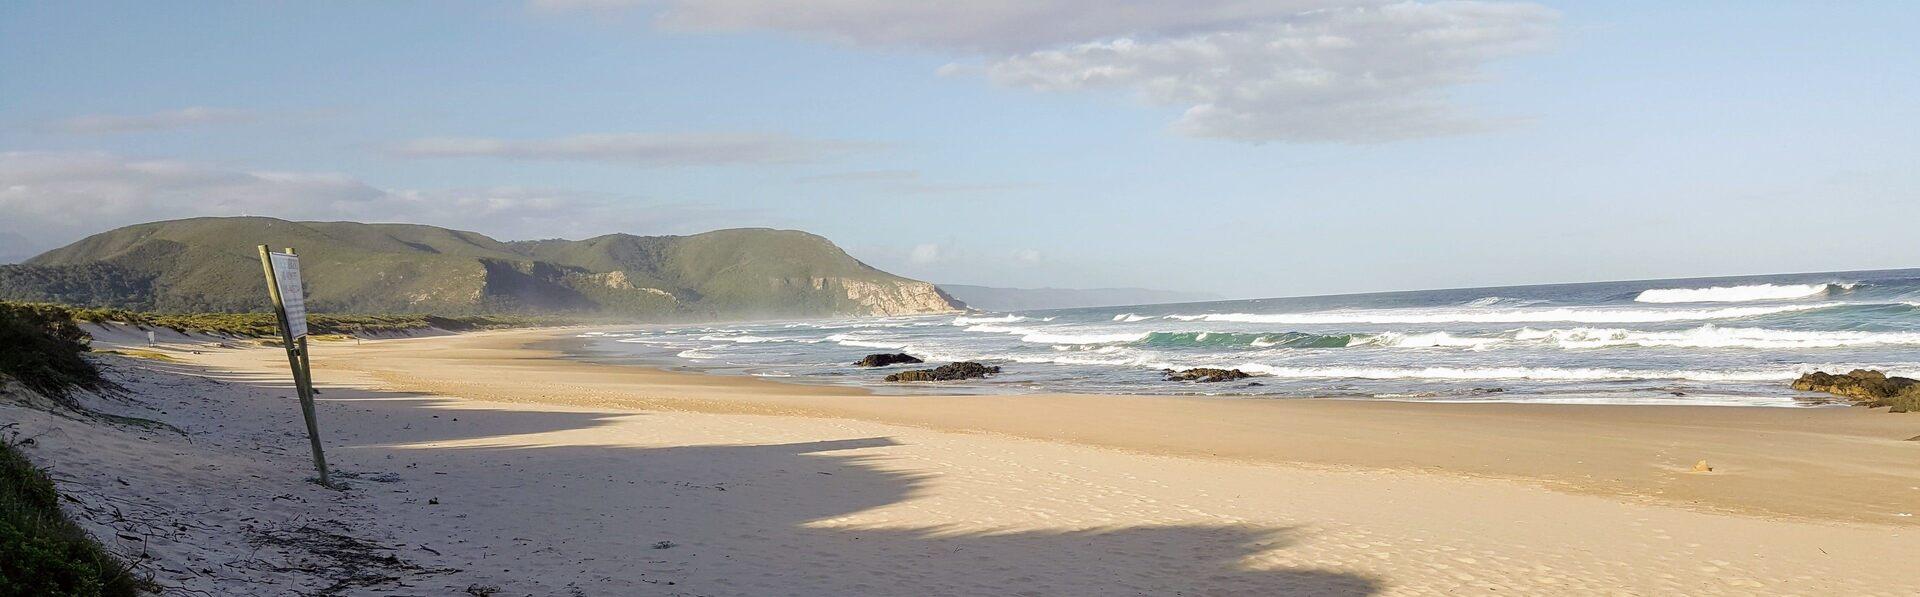 Vista da praia de Nature's Valley